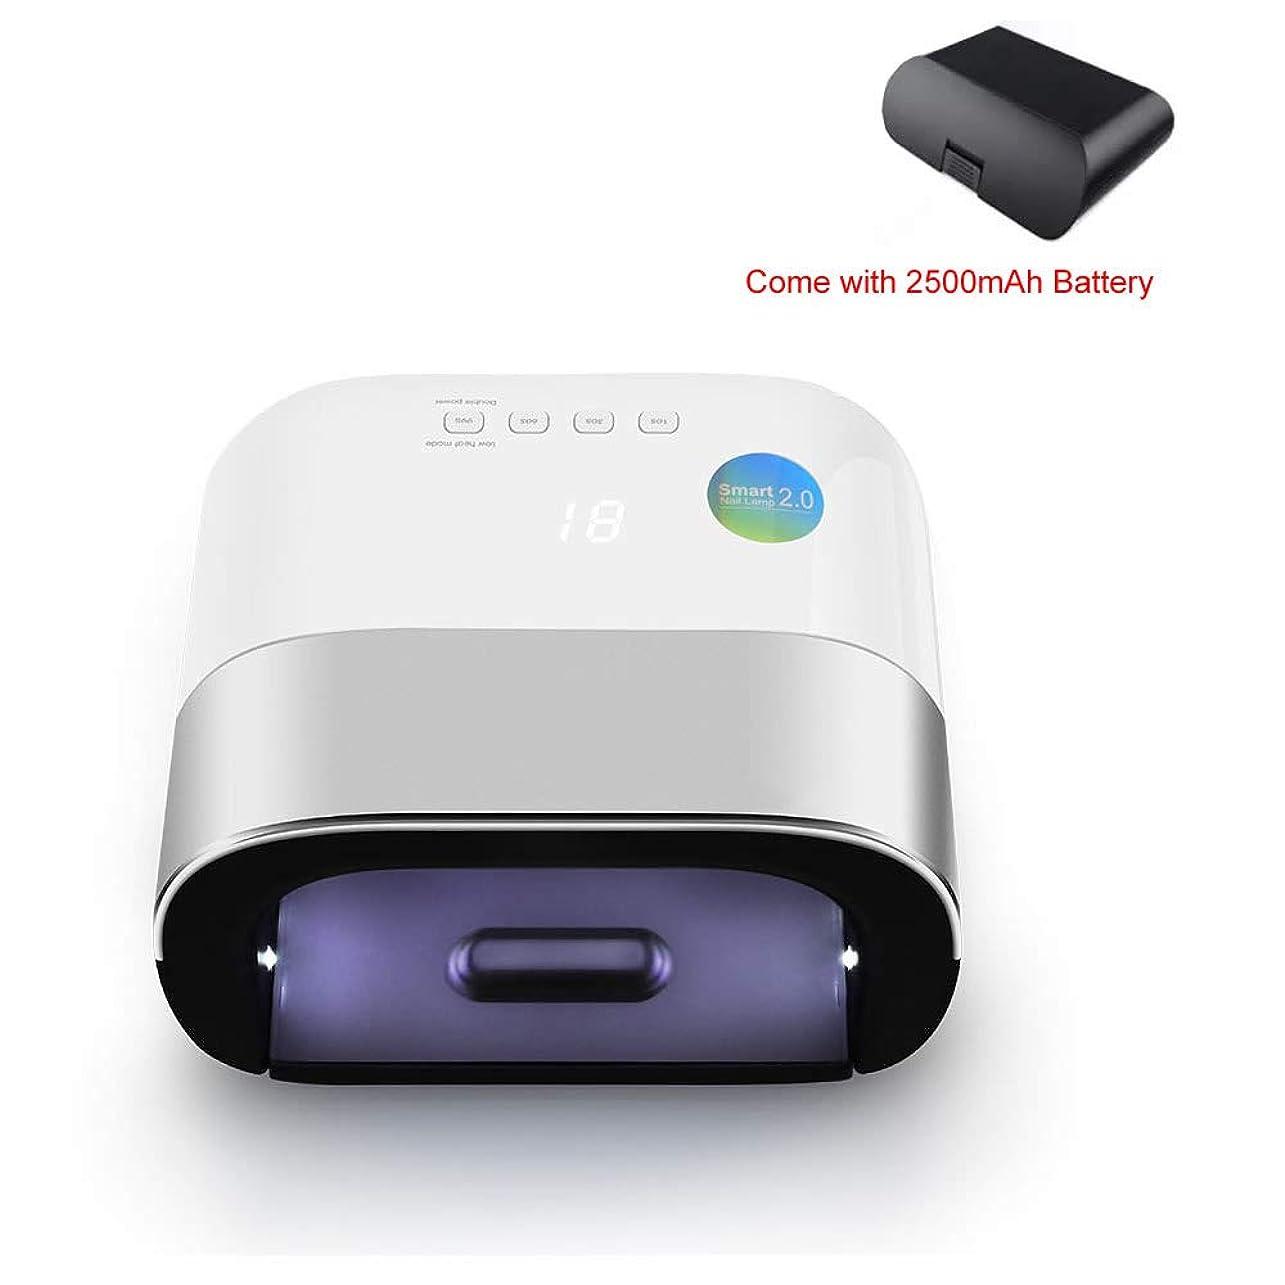 大きい挨拶盟主48W UV LED ネイルライトネイルと爪ネイルポリッシュ硬化39個 LED ビーズ (グレー) 充電式ネイルランプ用センサー,Chargeable